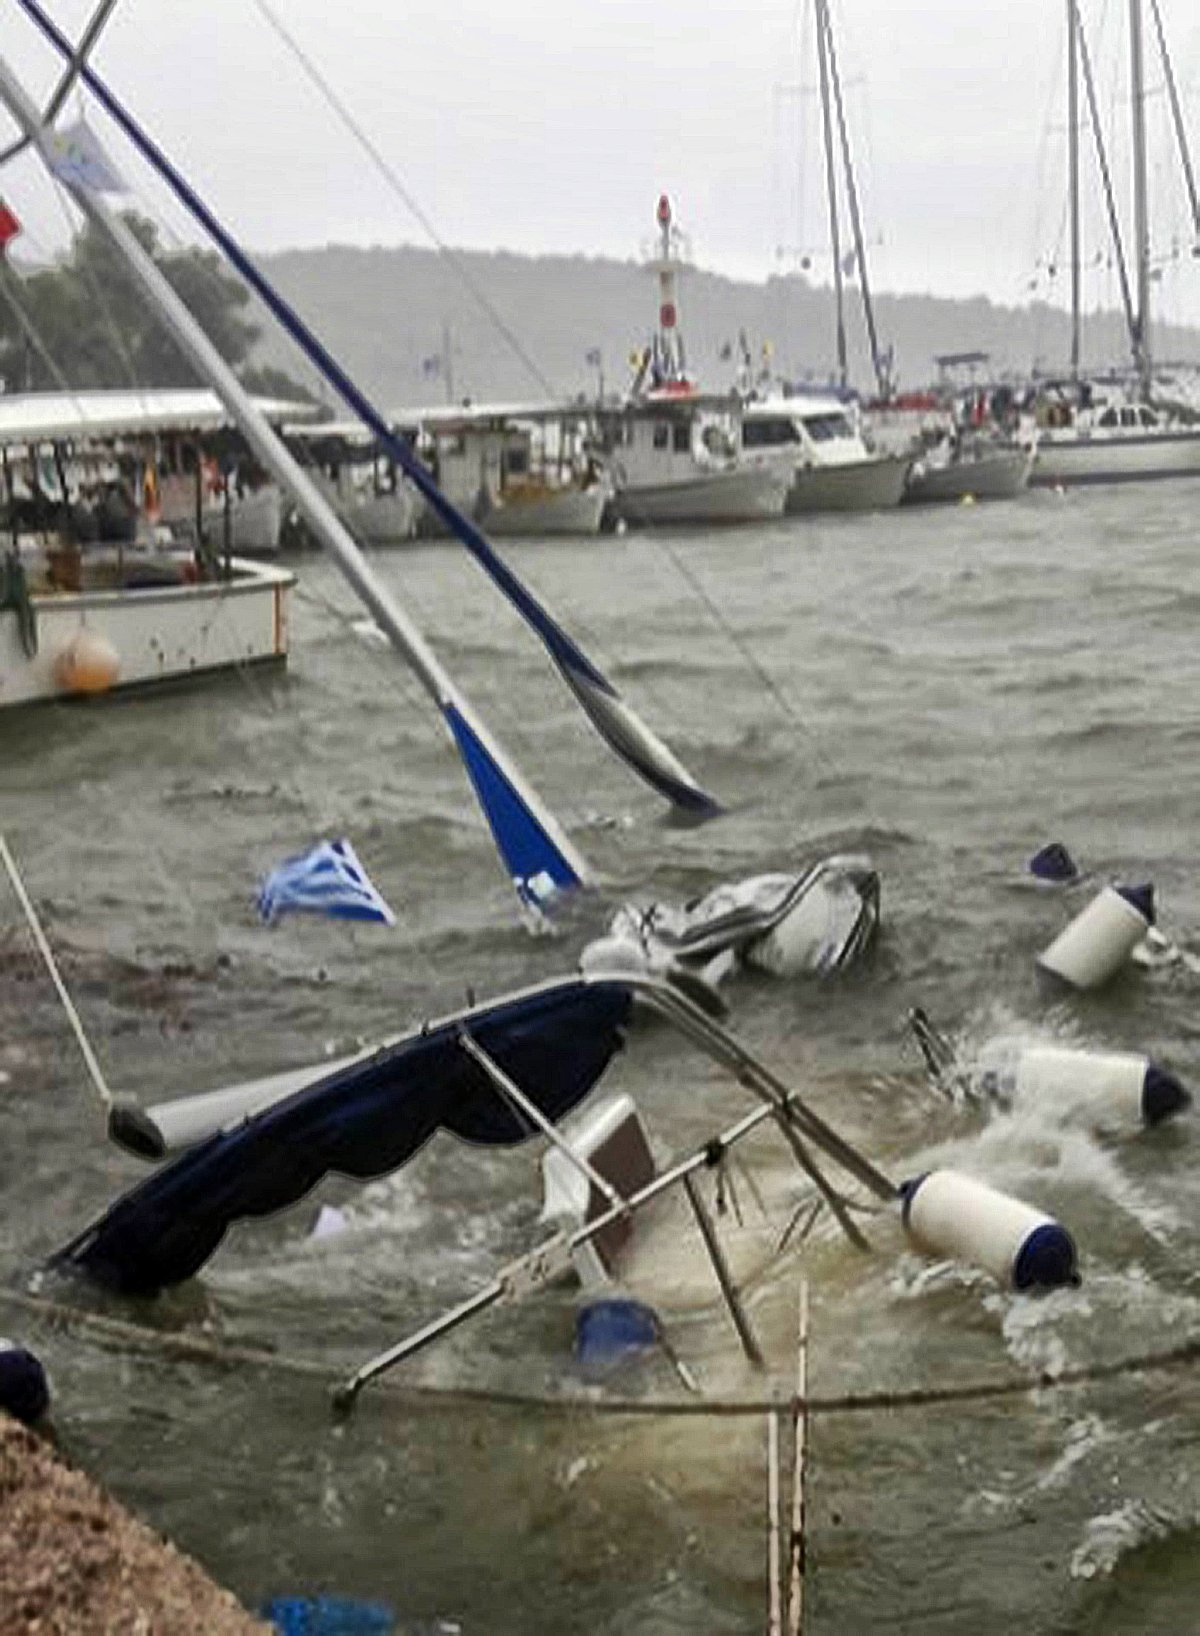 Şiddetli fırtına deniz ulaşımını olumsuz etkilerken çok sayıda tekne battı.